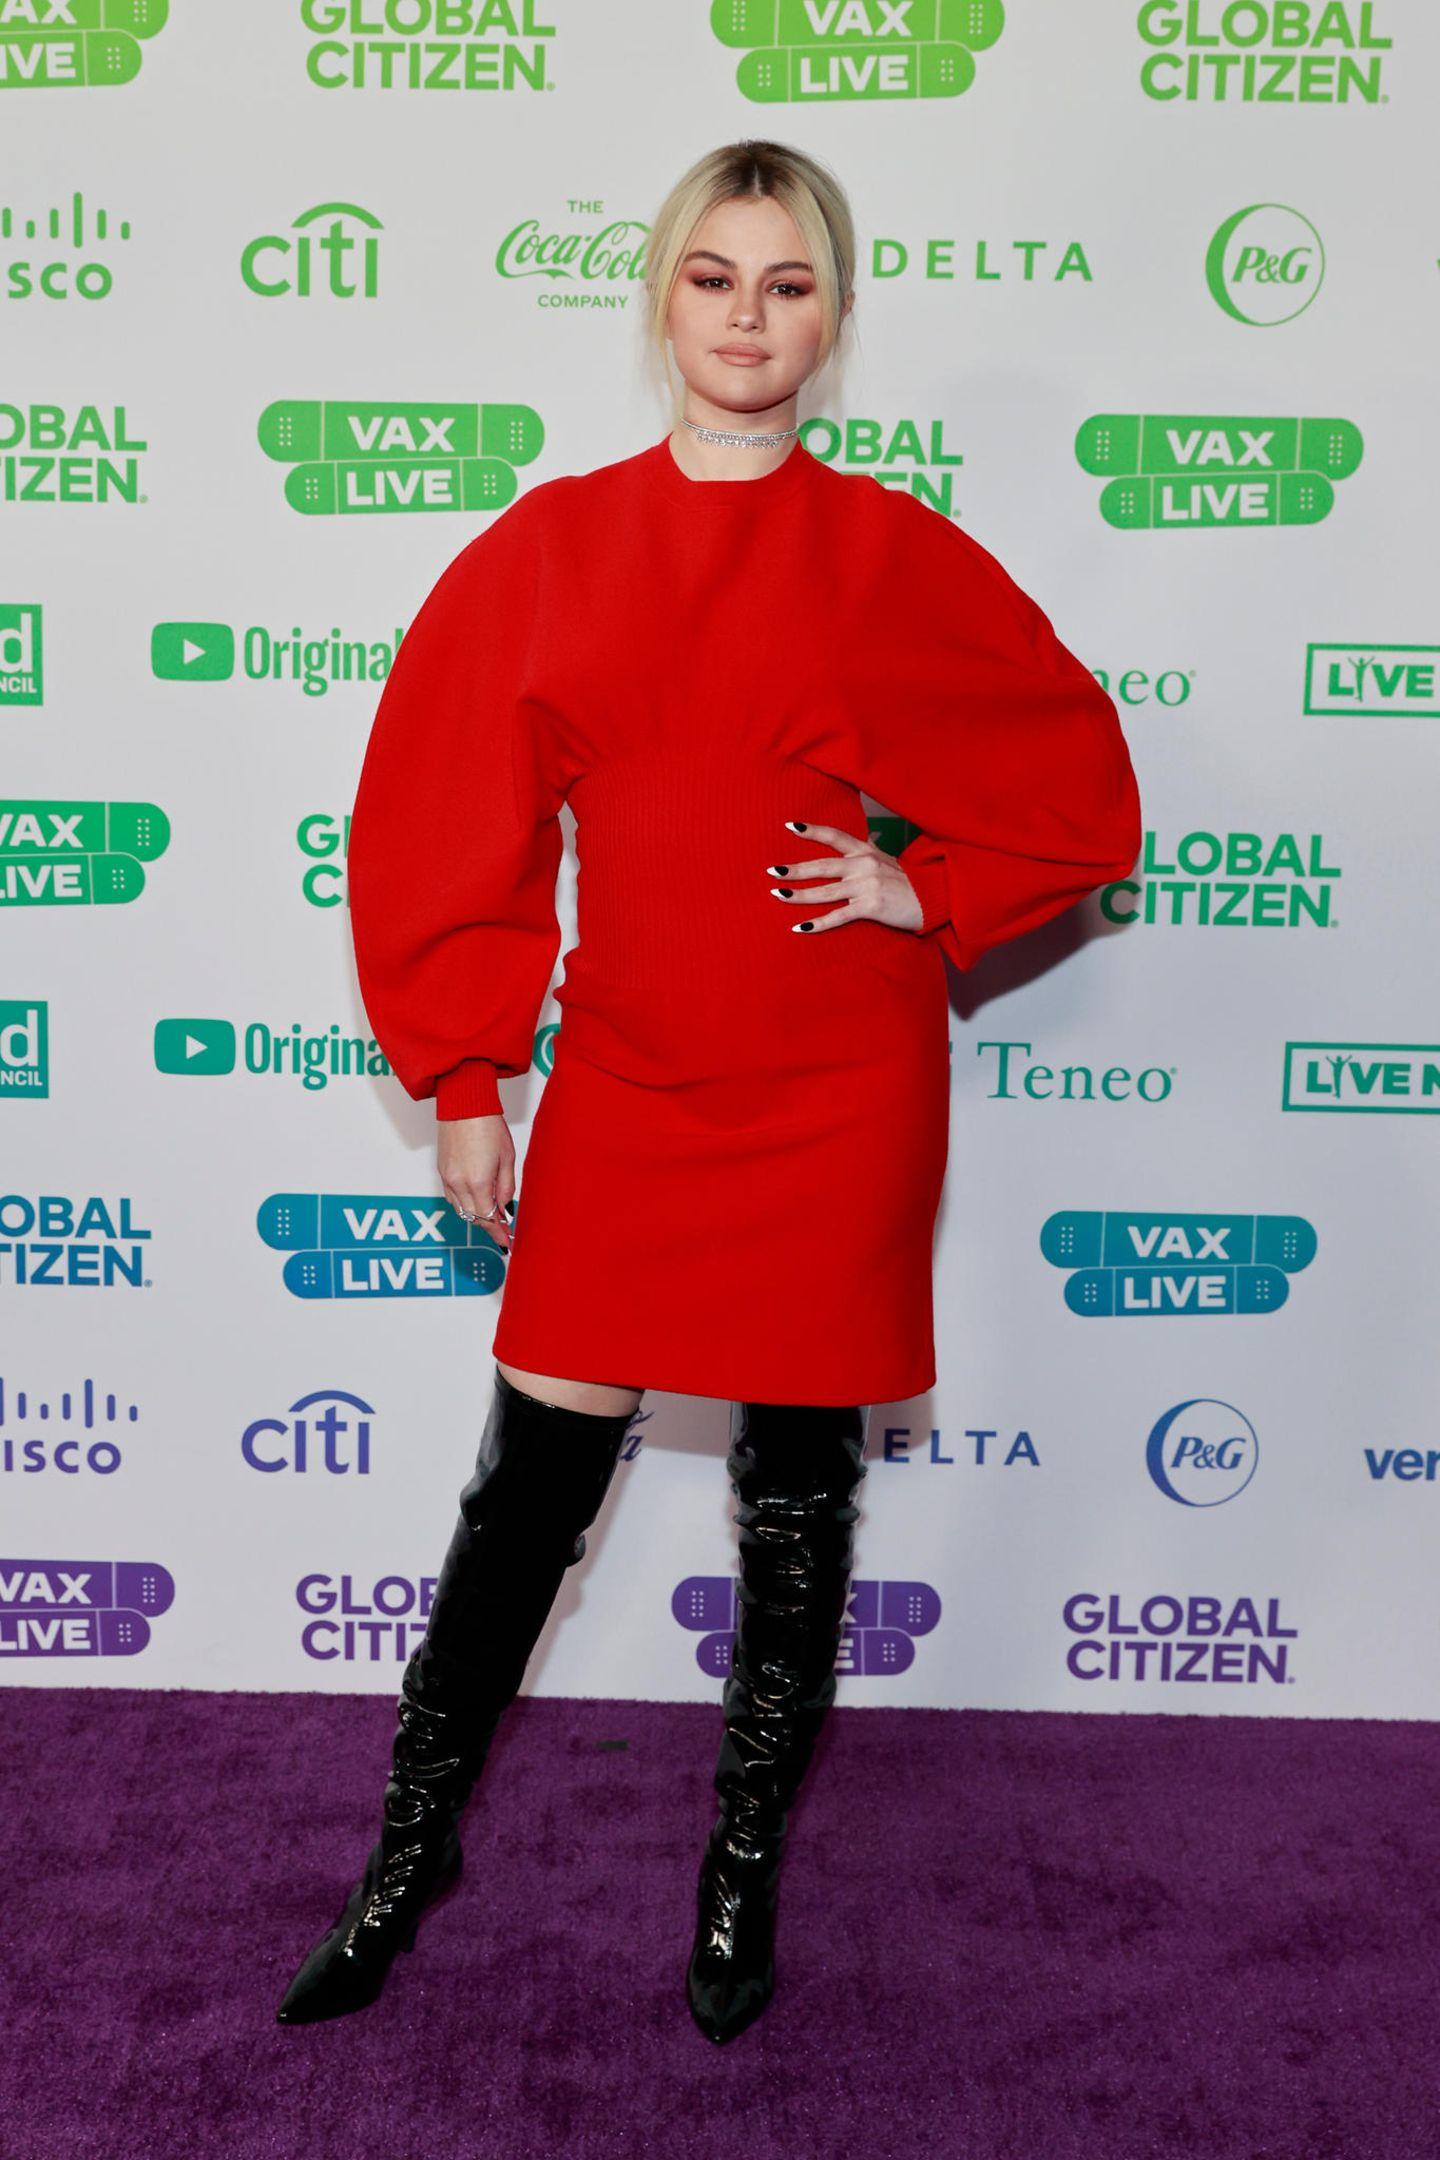 """Es ist das """"Red Carpet""""-Debüt für Selena Gomez' blondeHaare. Die Sängerin ist Moderatorin des Wohltätigkeitskonzerts """"Global Citizen's VAX Live: The Concert to Reunite the World"""" und hat sich aus diesem Grund besonders in Schale geworfen. Zum roten Kleid von Bottega Veneta kombiniert sie einen diamantenbesetzten Choker von Messika."""